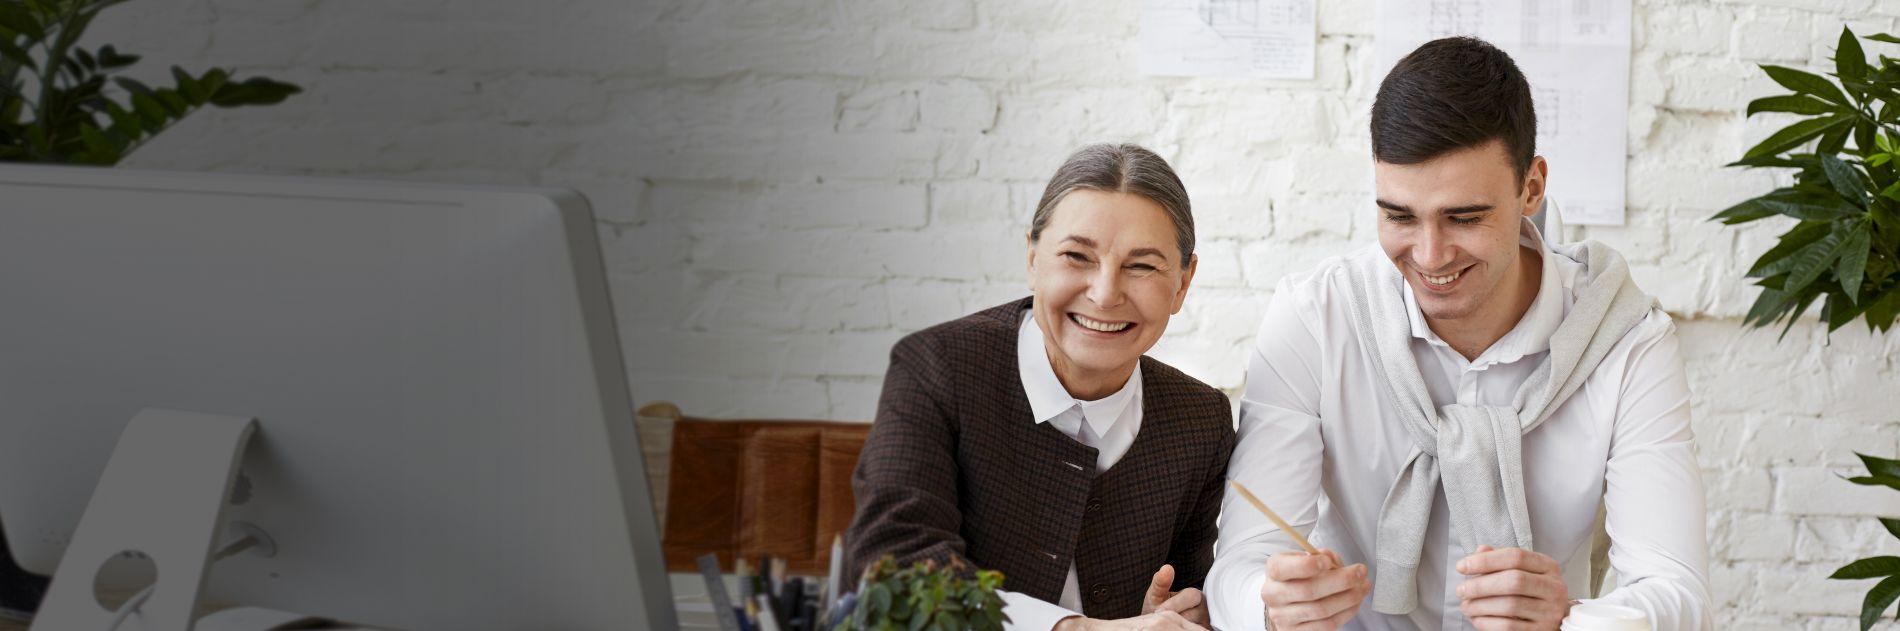 Кредит без отказа без поручителей пенсионерам